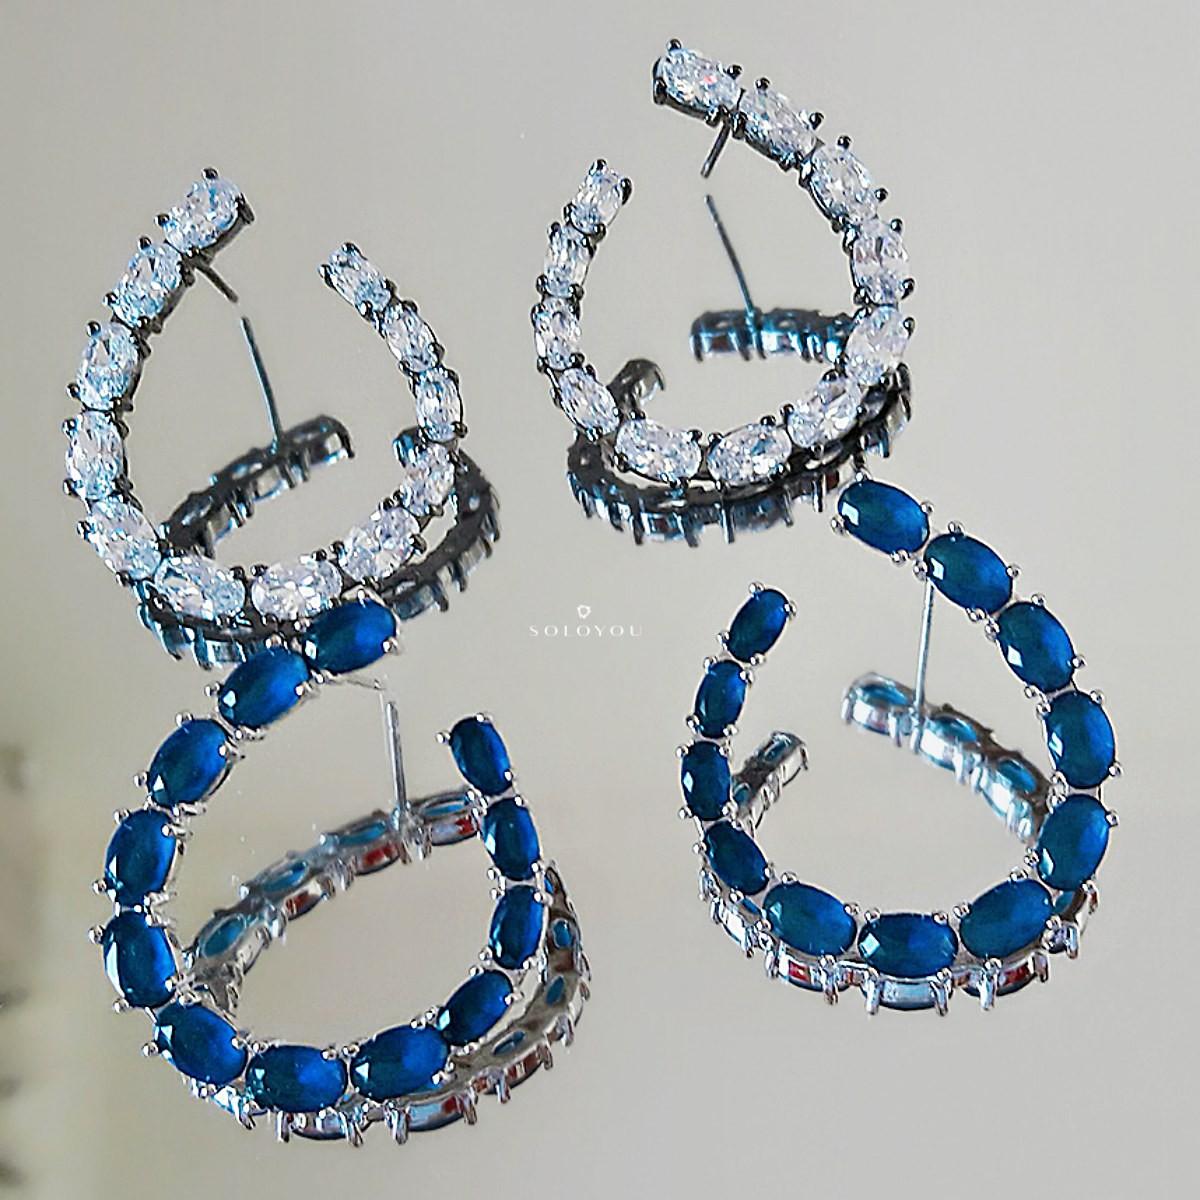 Brinco Moderno Gancho Semijoia em Ródio Branco com Zircônia Azul Safira  - Soloyou